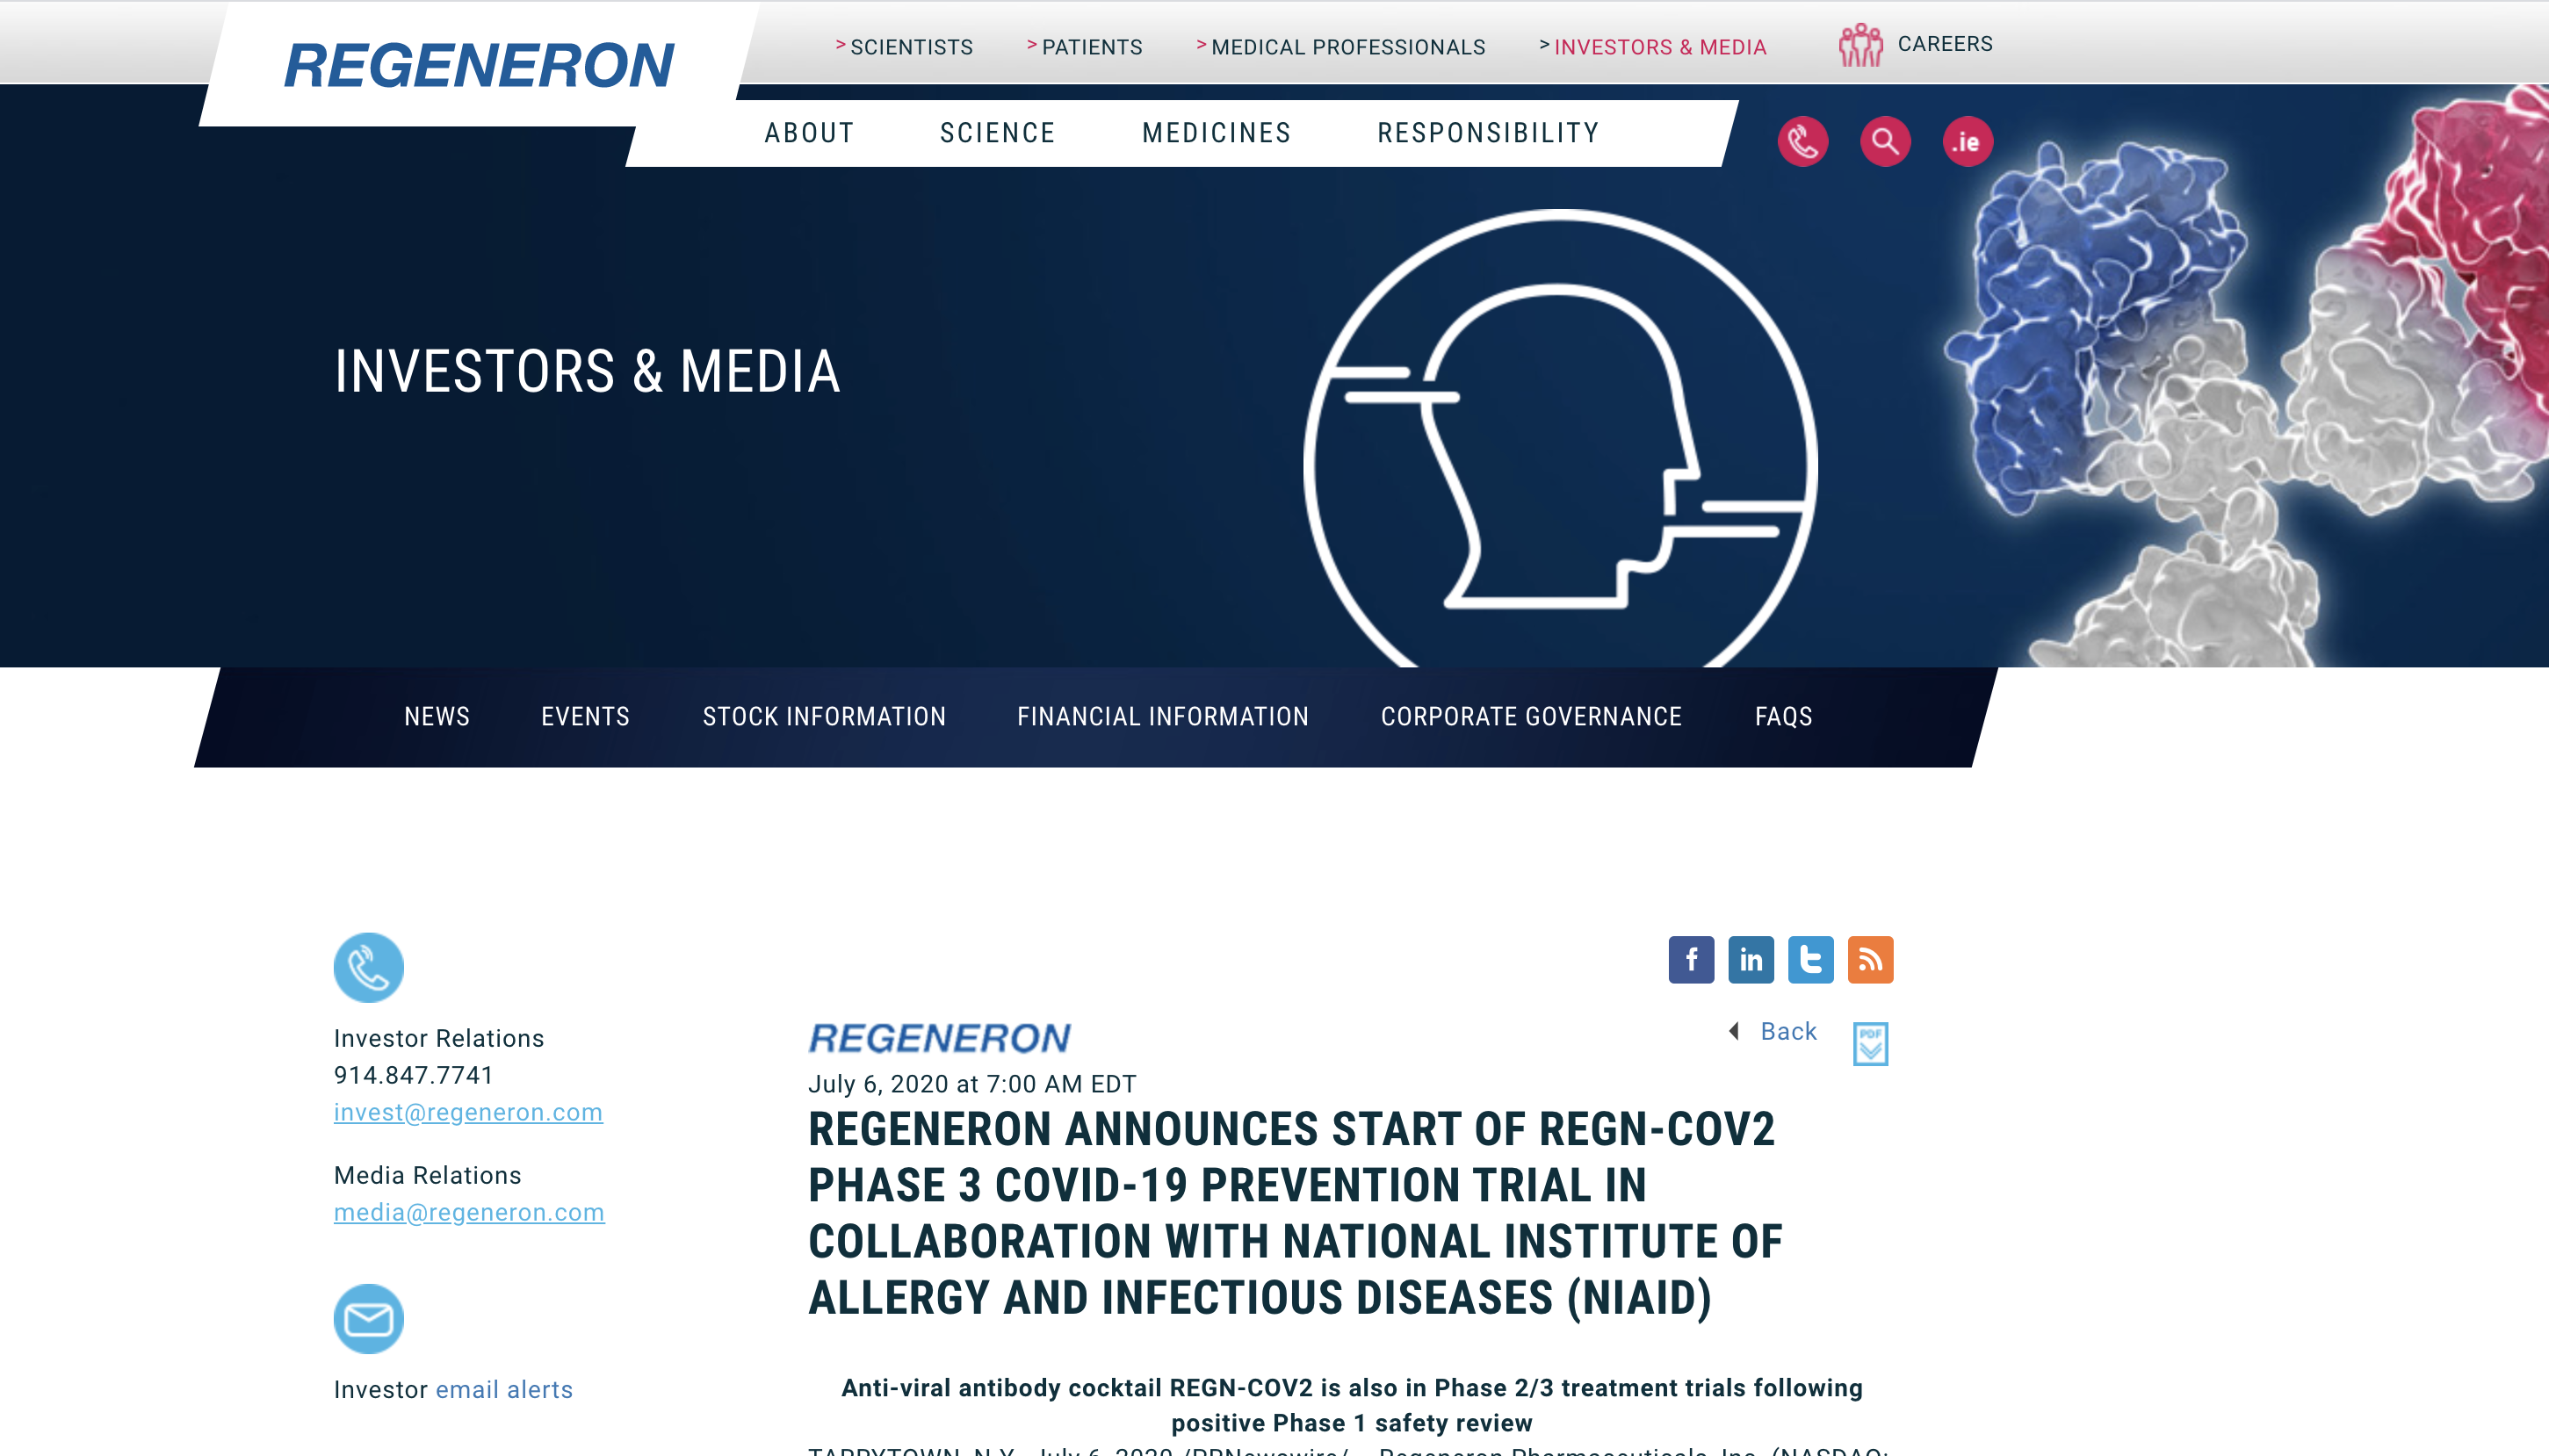 再生元新冠双抗体鸡尾酒疗法获美国联邦4.5亿合约